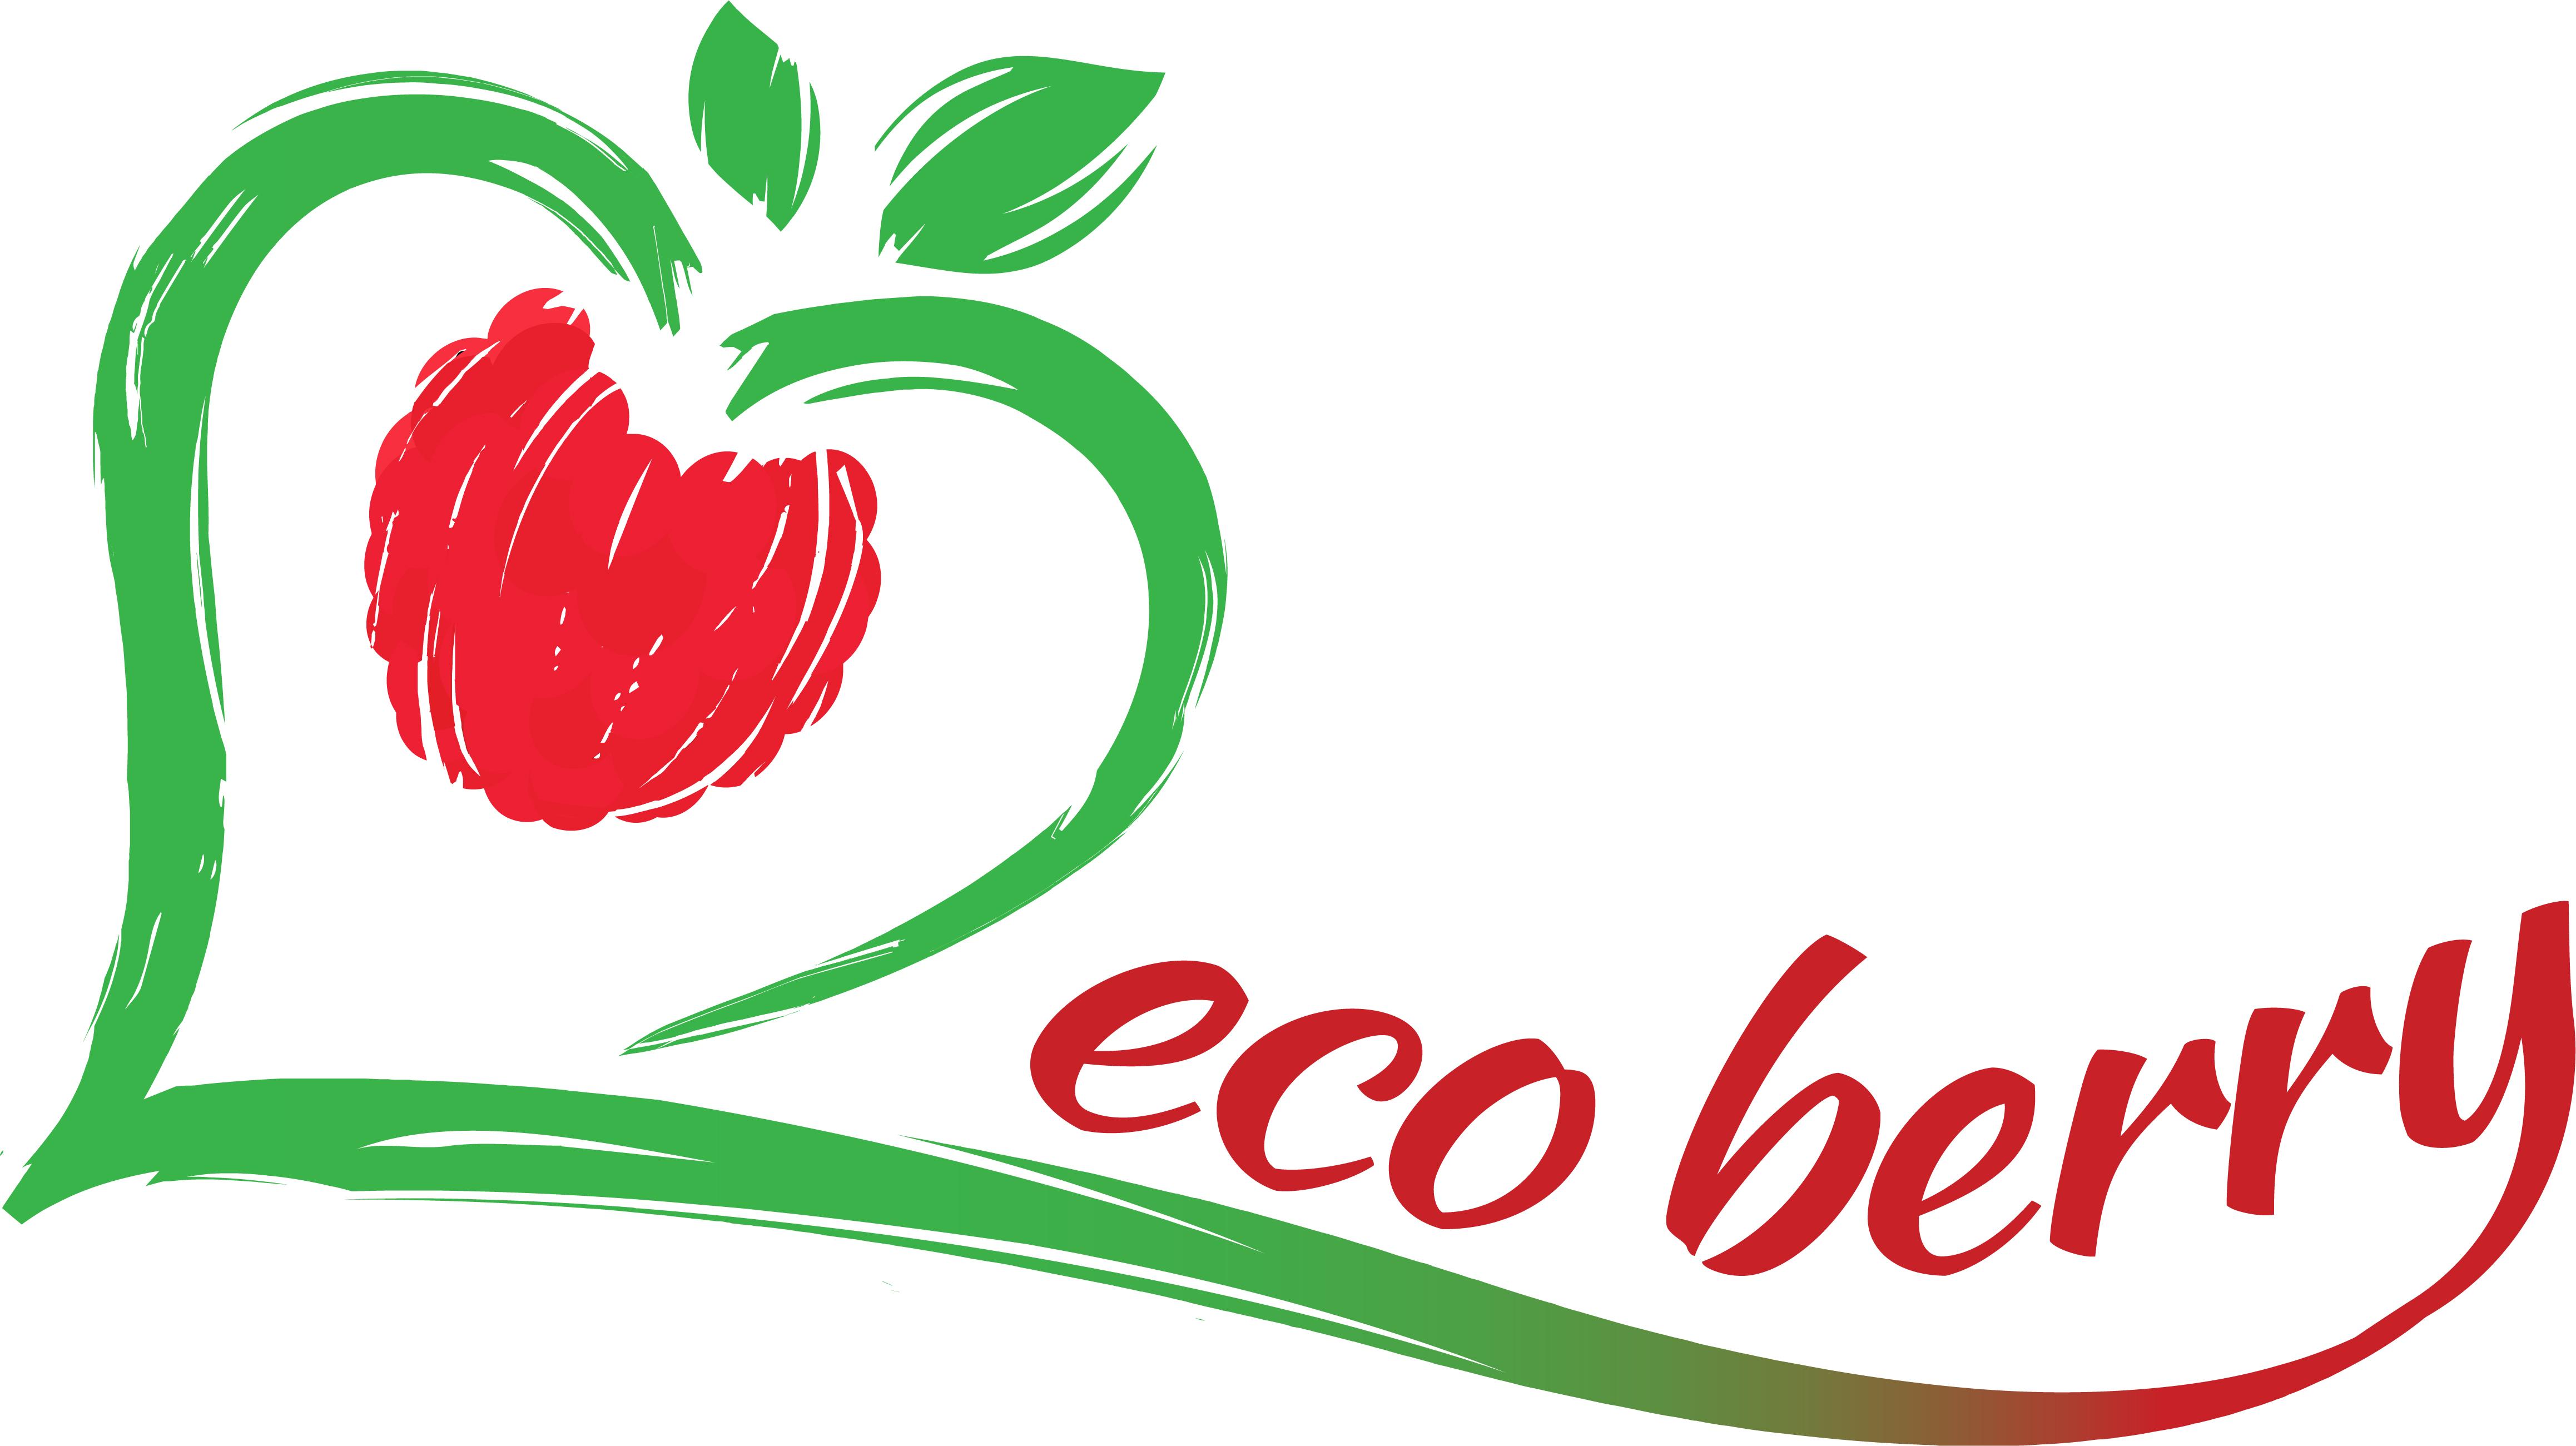 Eco berry